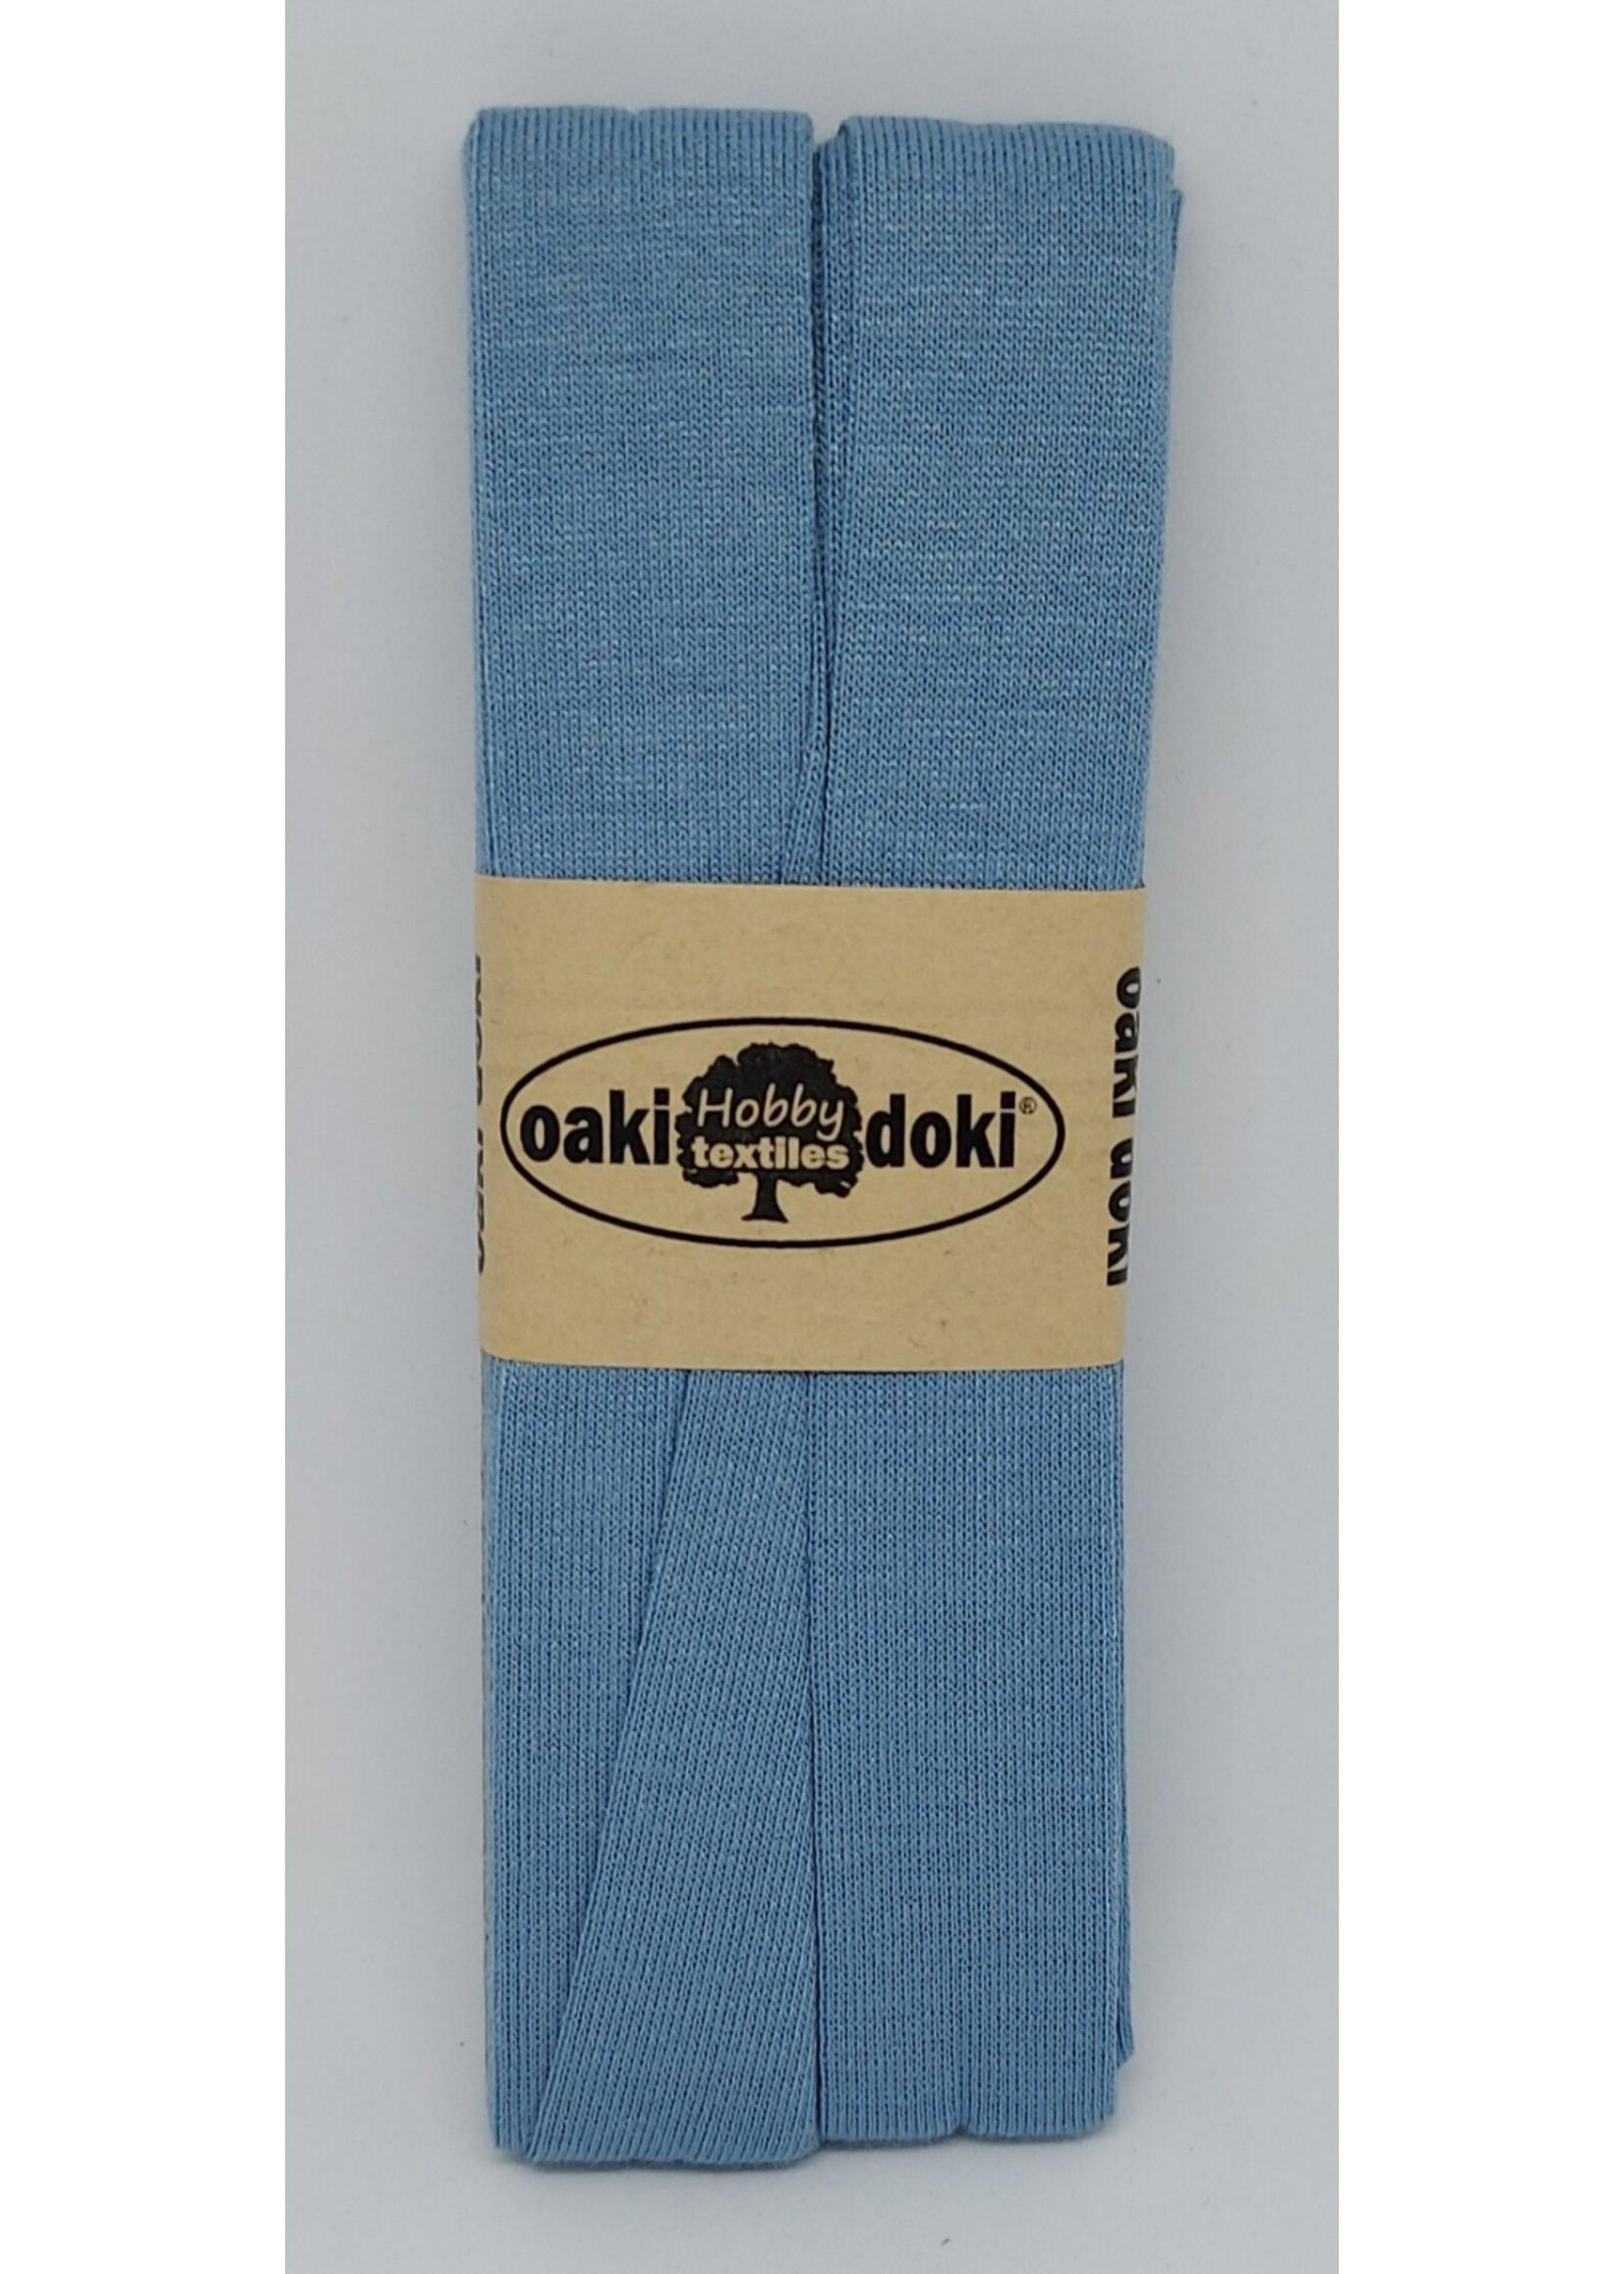 Oaki Doki Tricot de luxe 003